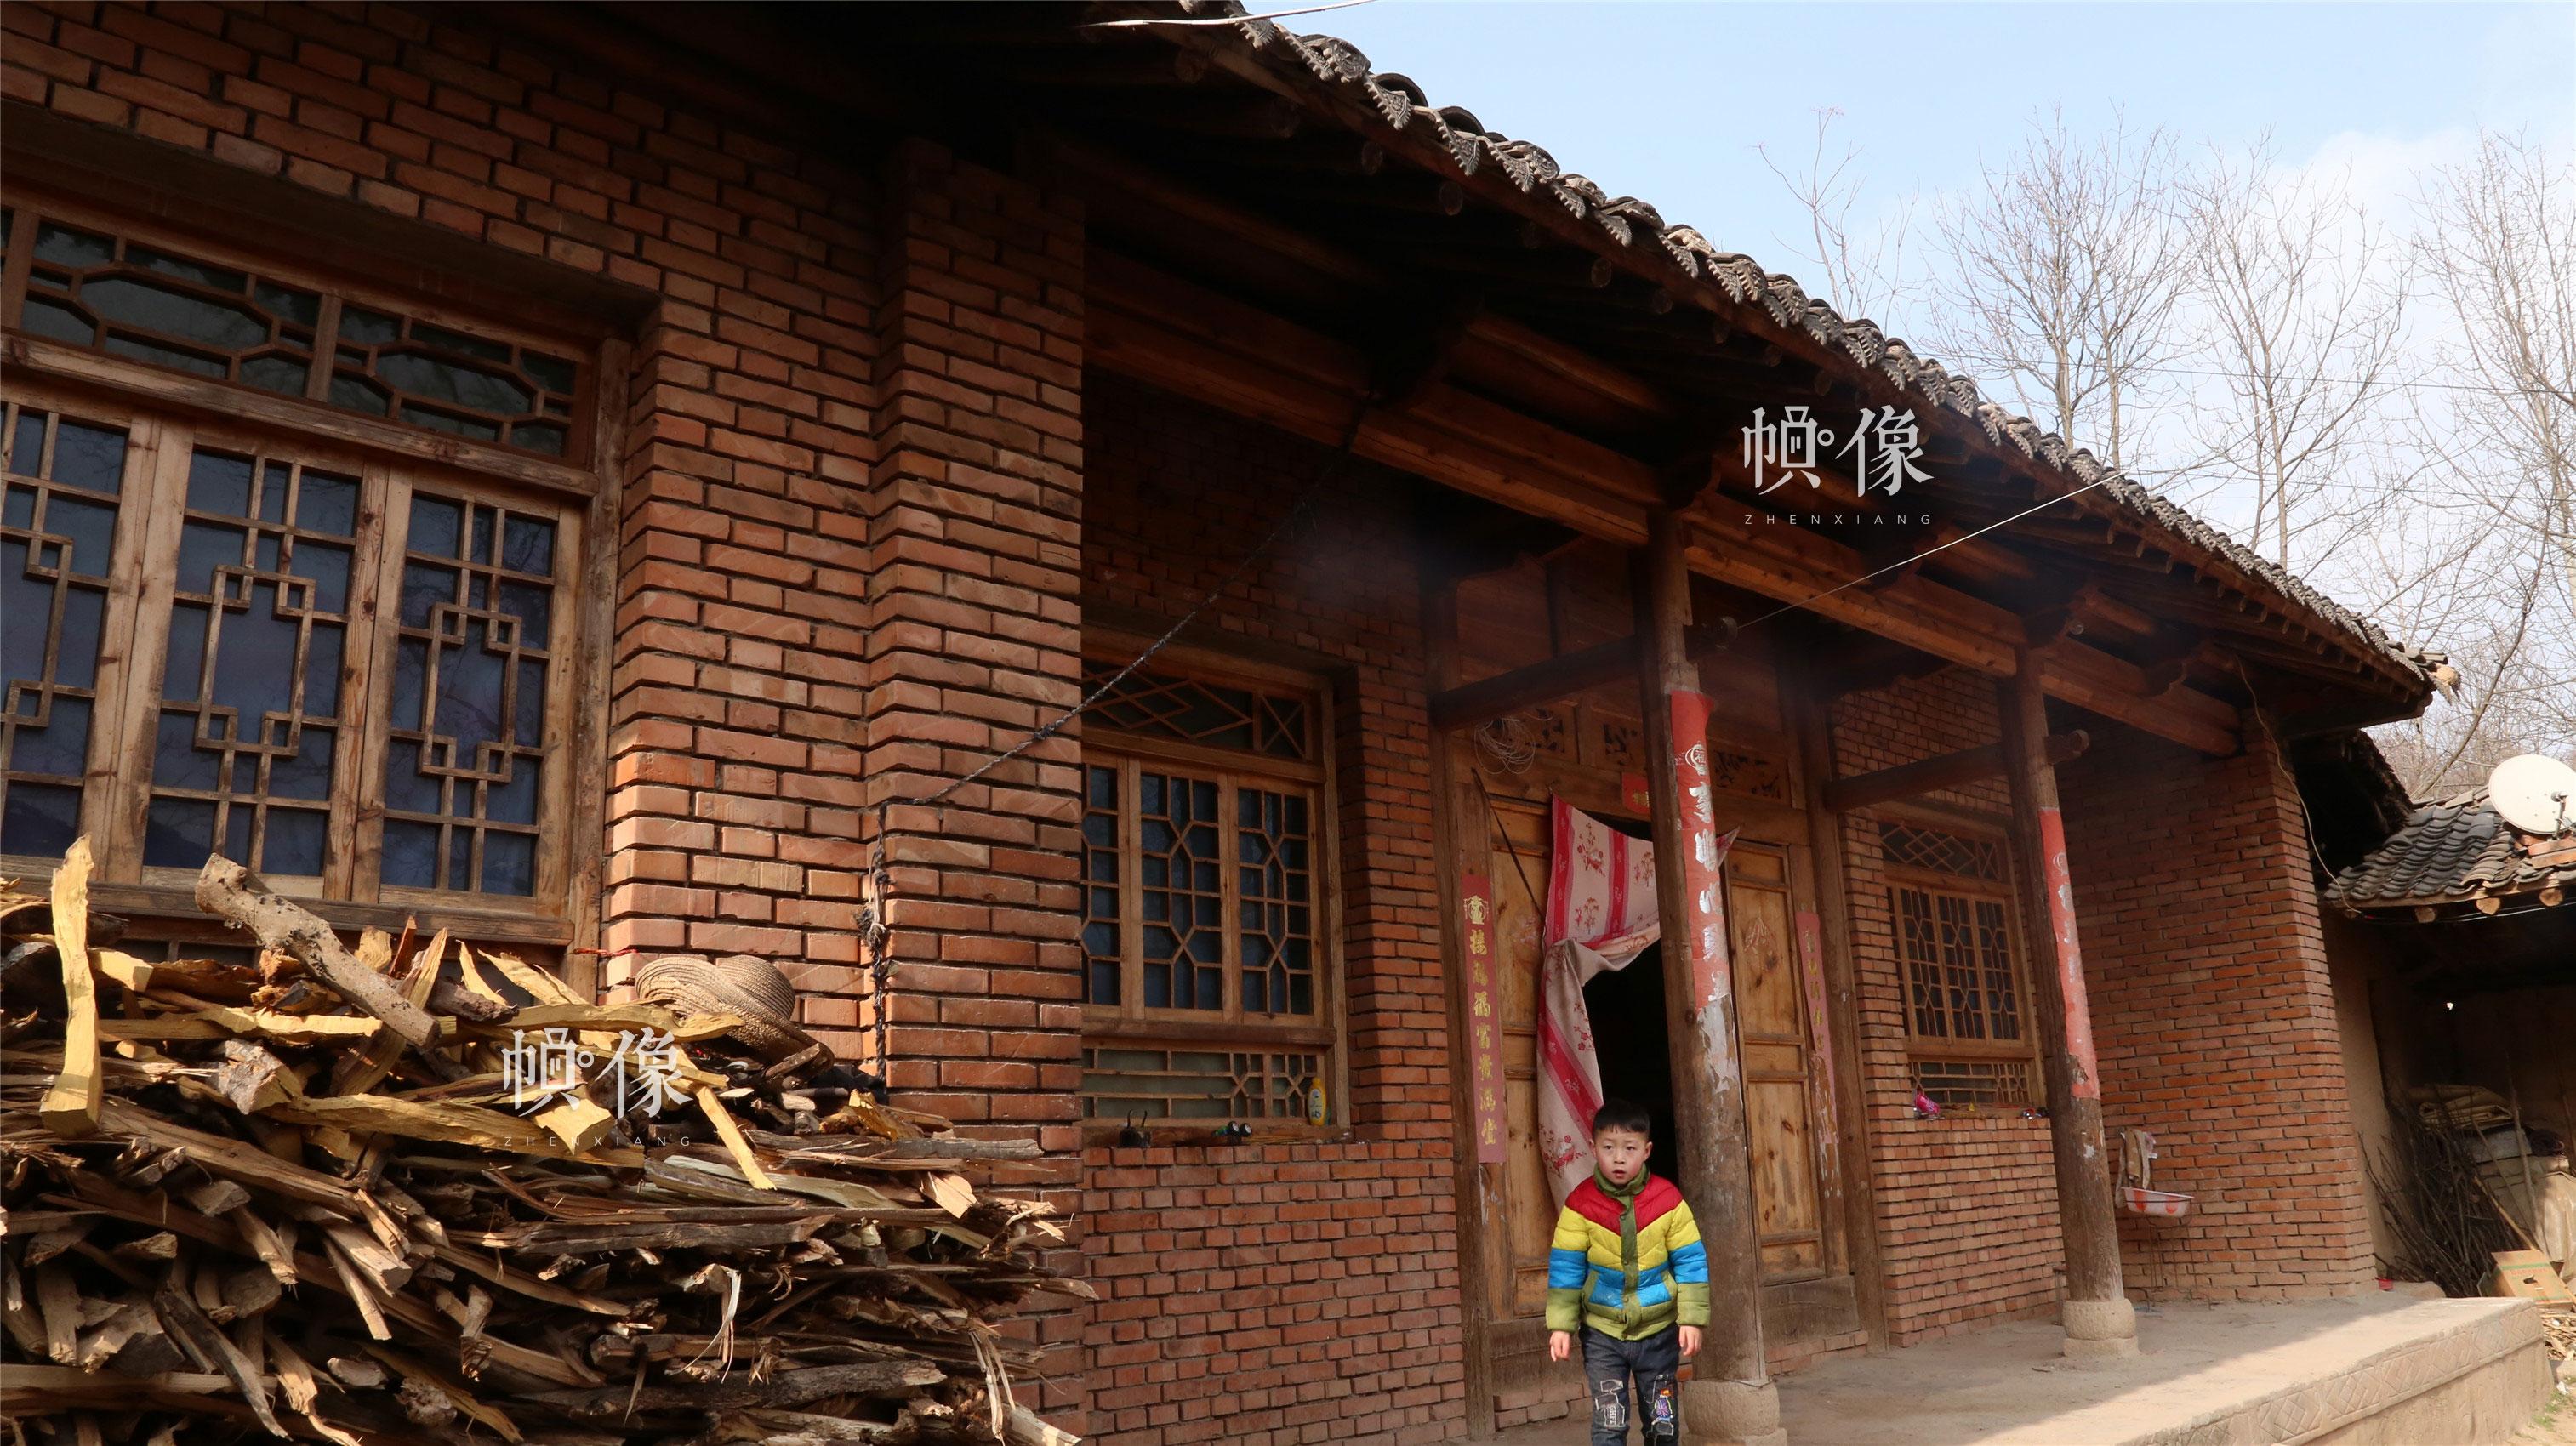 2018年1月22日,甘肃省陇南市西和县,听障儿童家庭住的院子。中国网实习记者 朱珊杉 摄